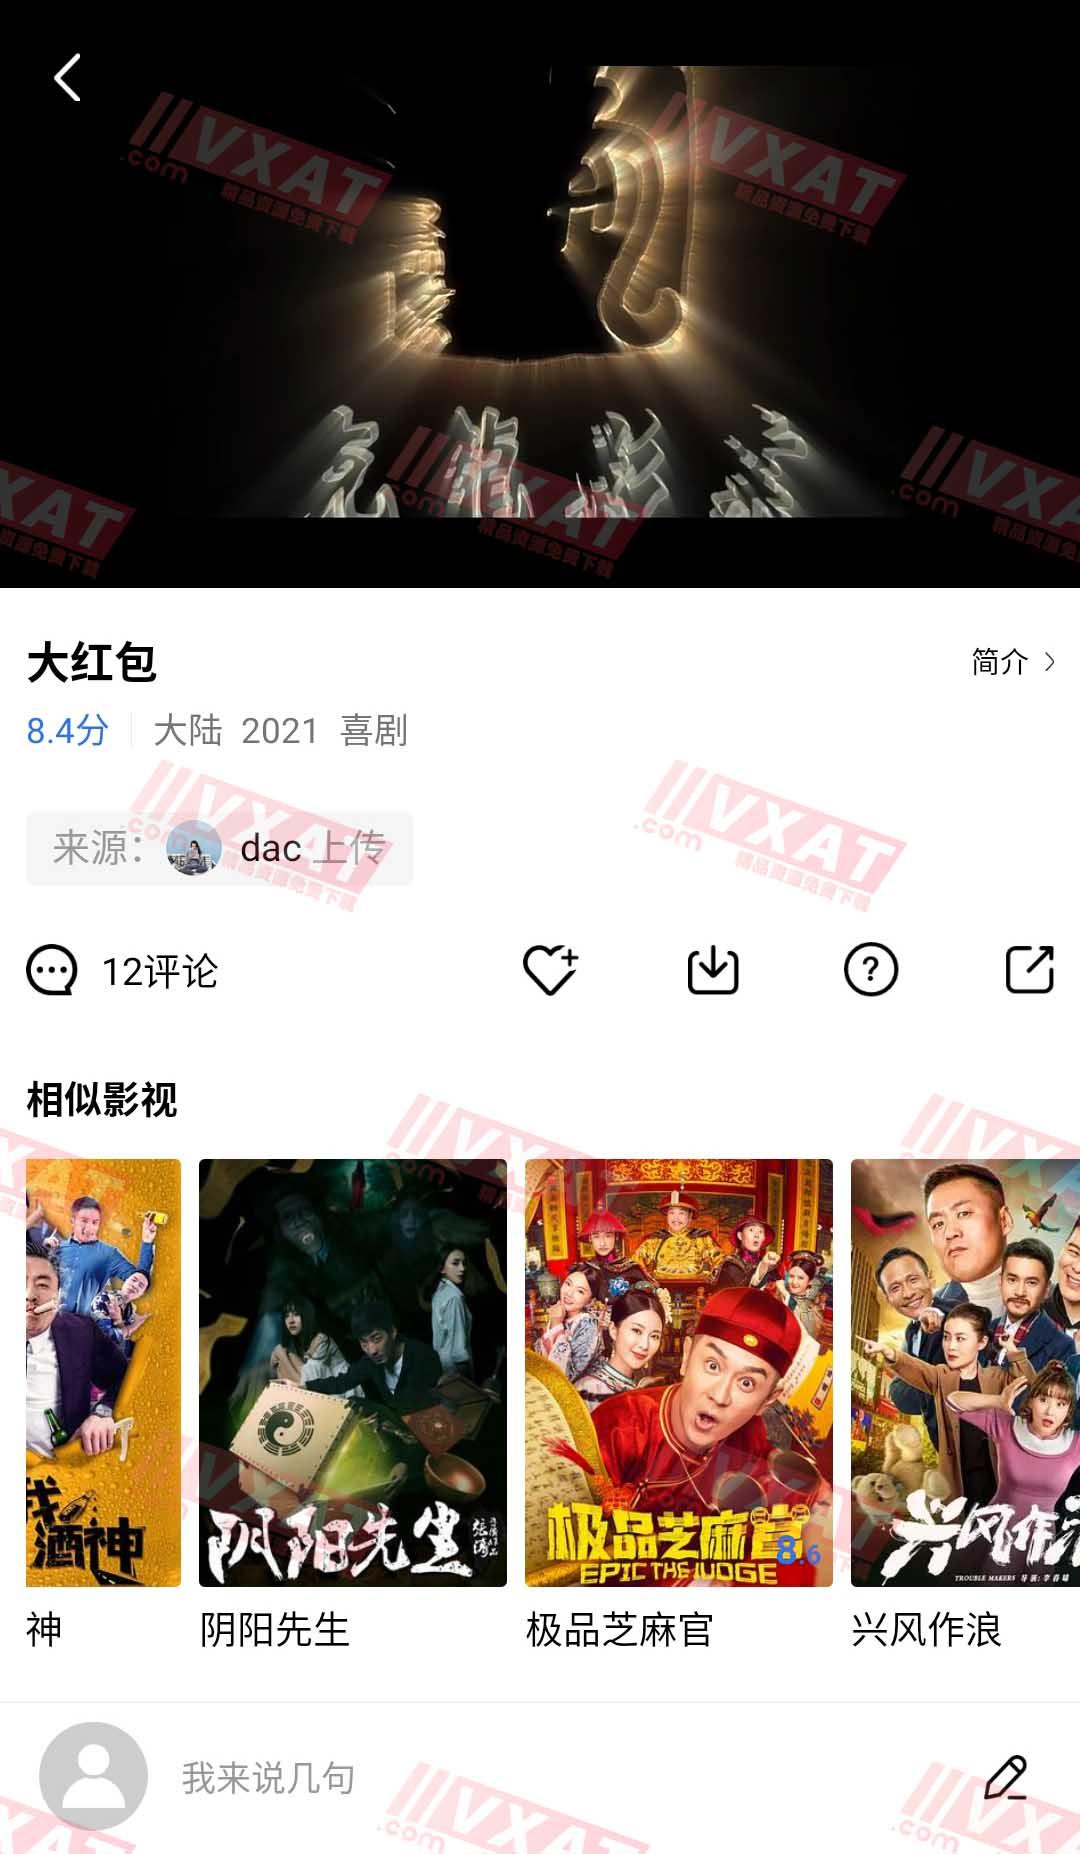 蓝狐影视 v1.8.1 去广告版 第2张